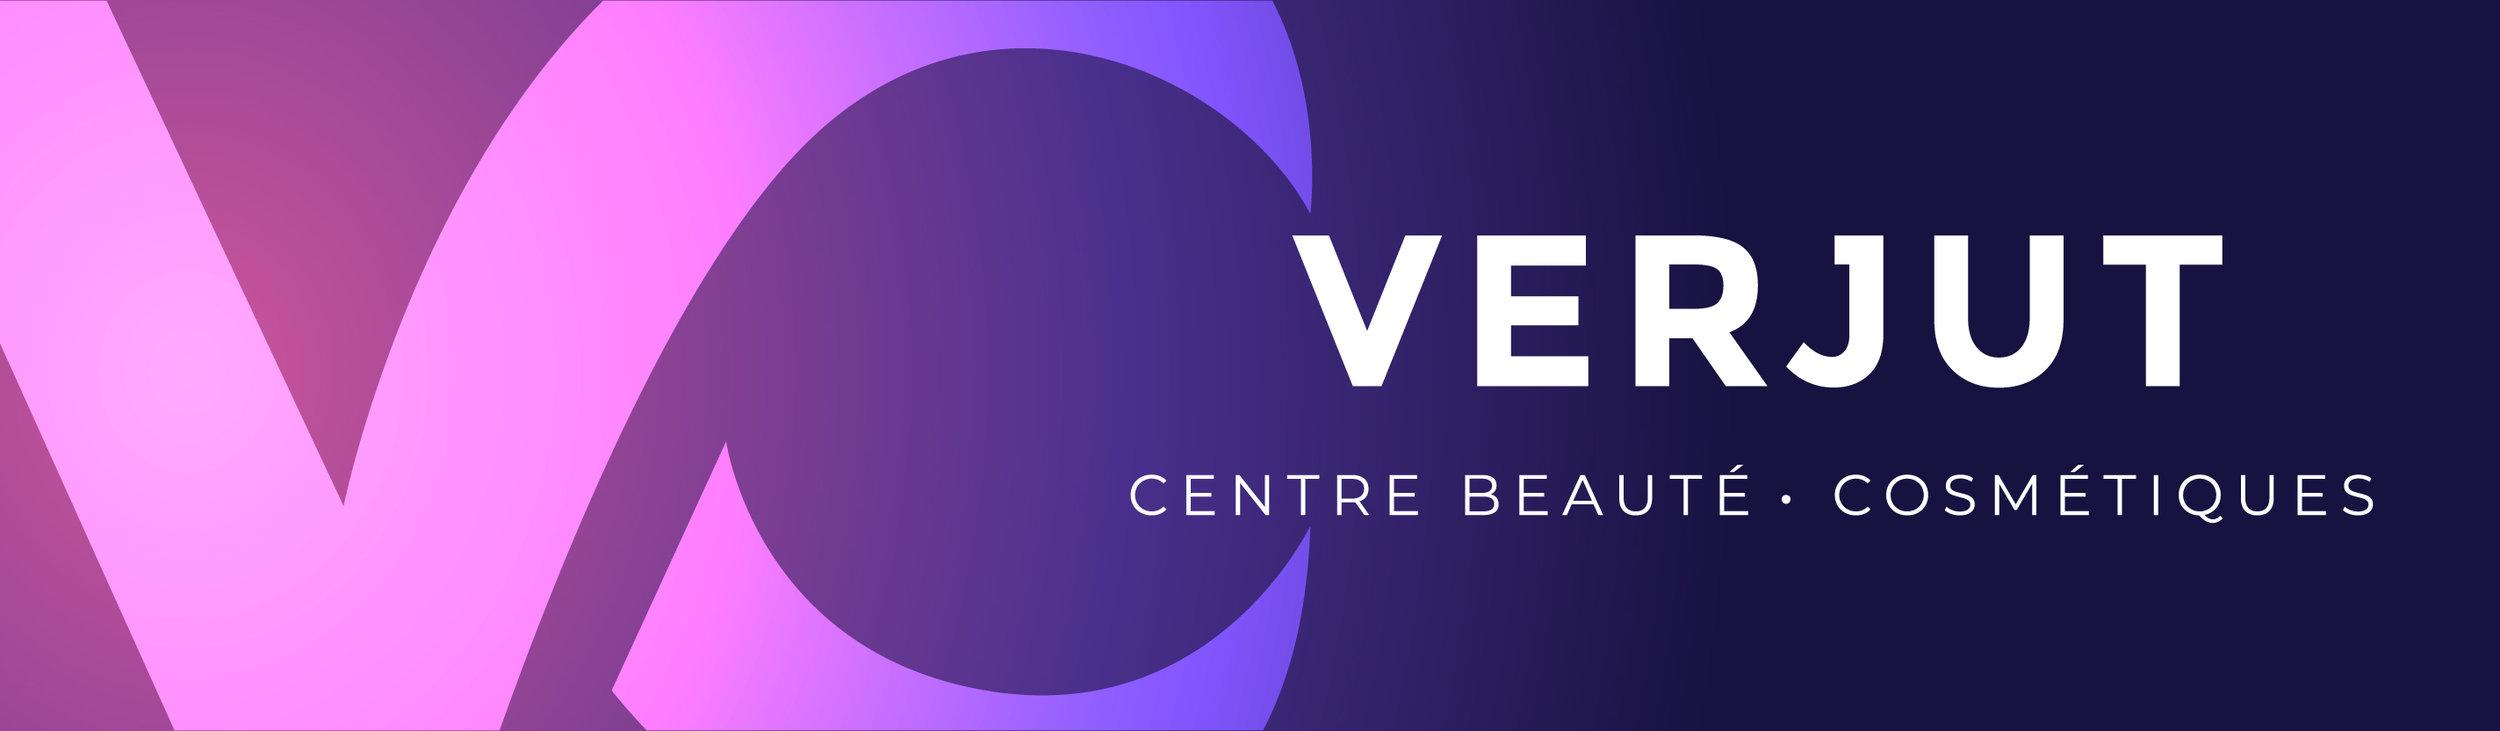 Verjut Centre Beauté